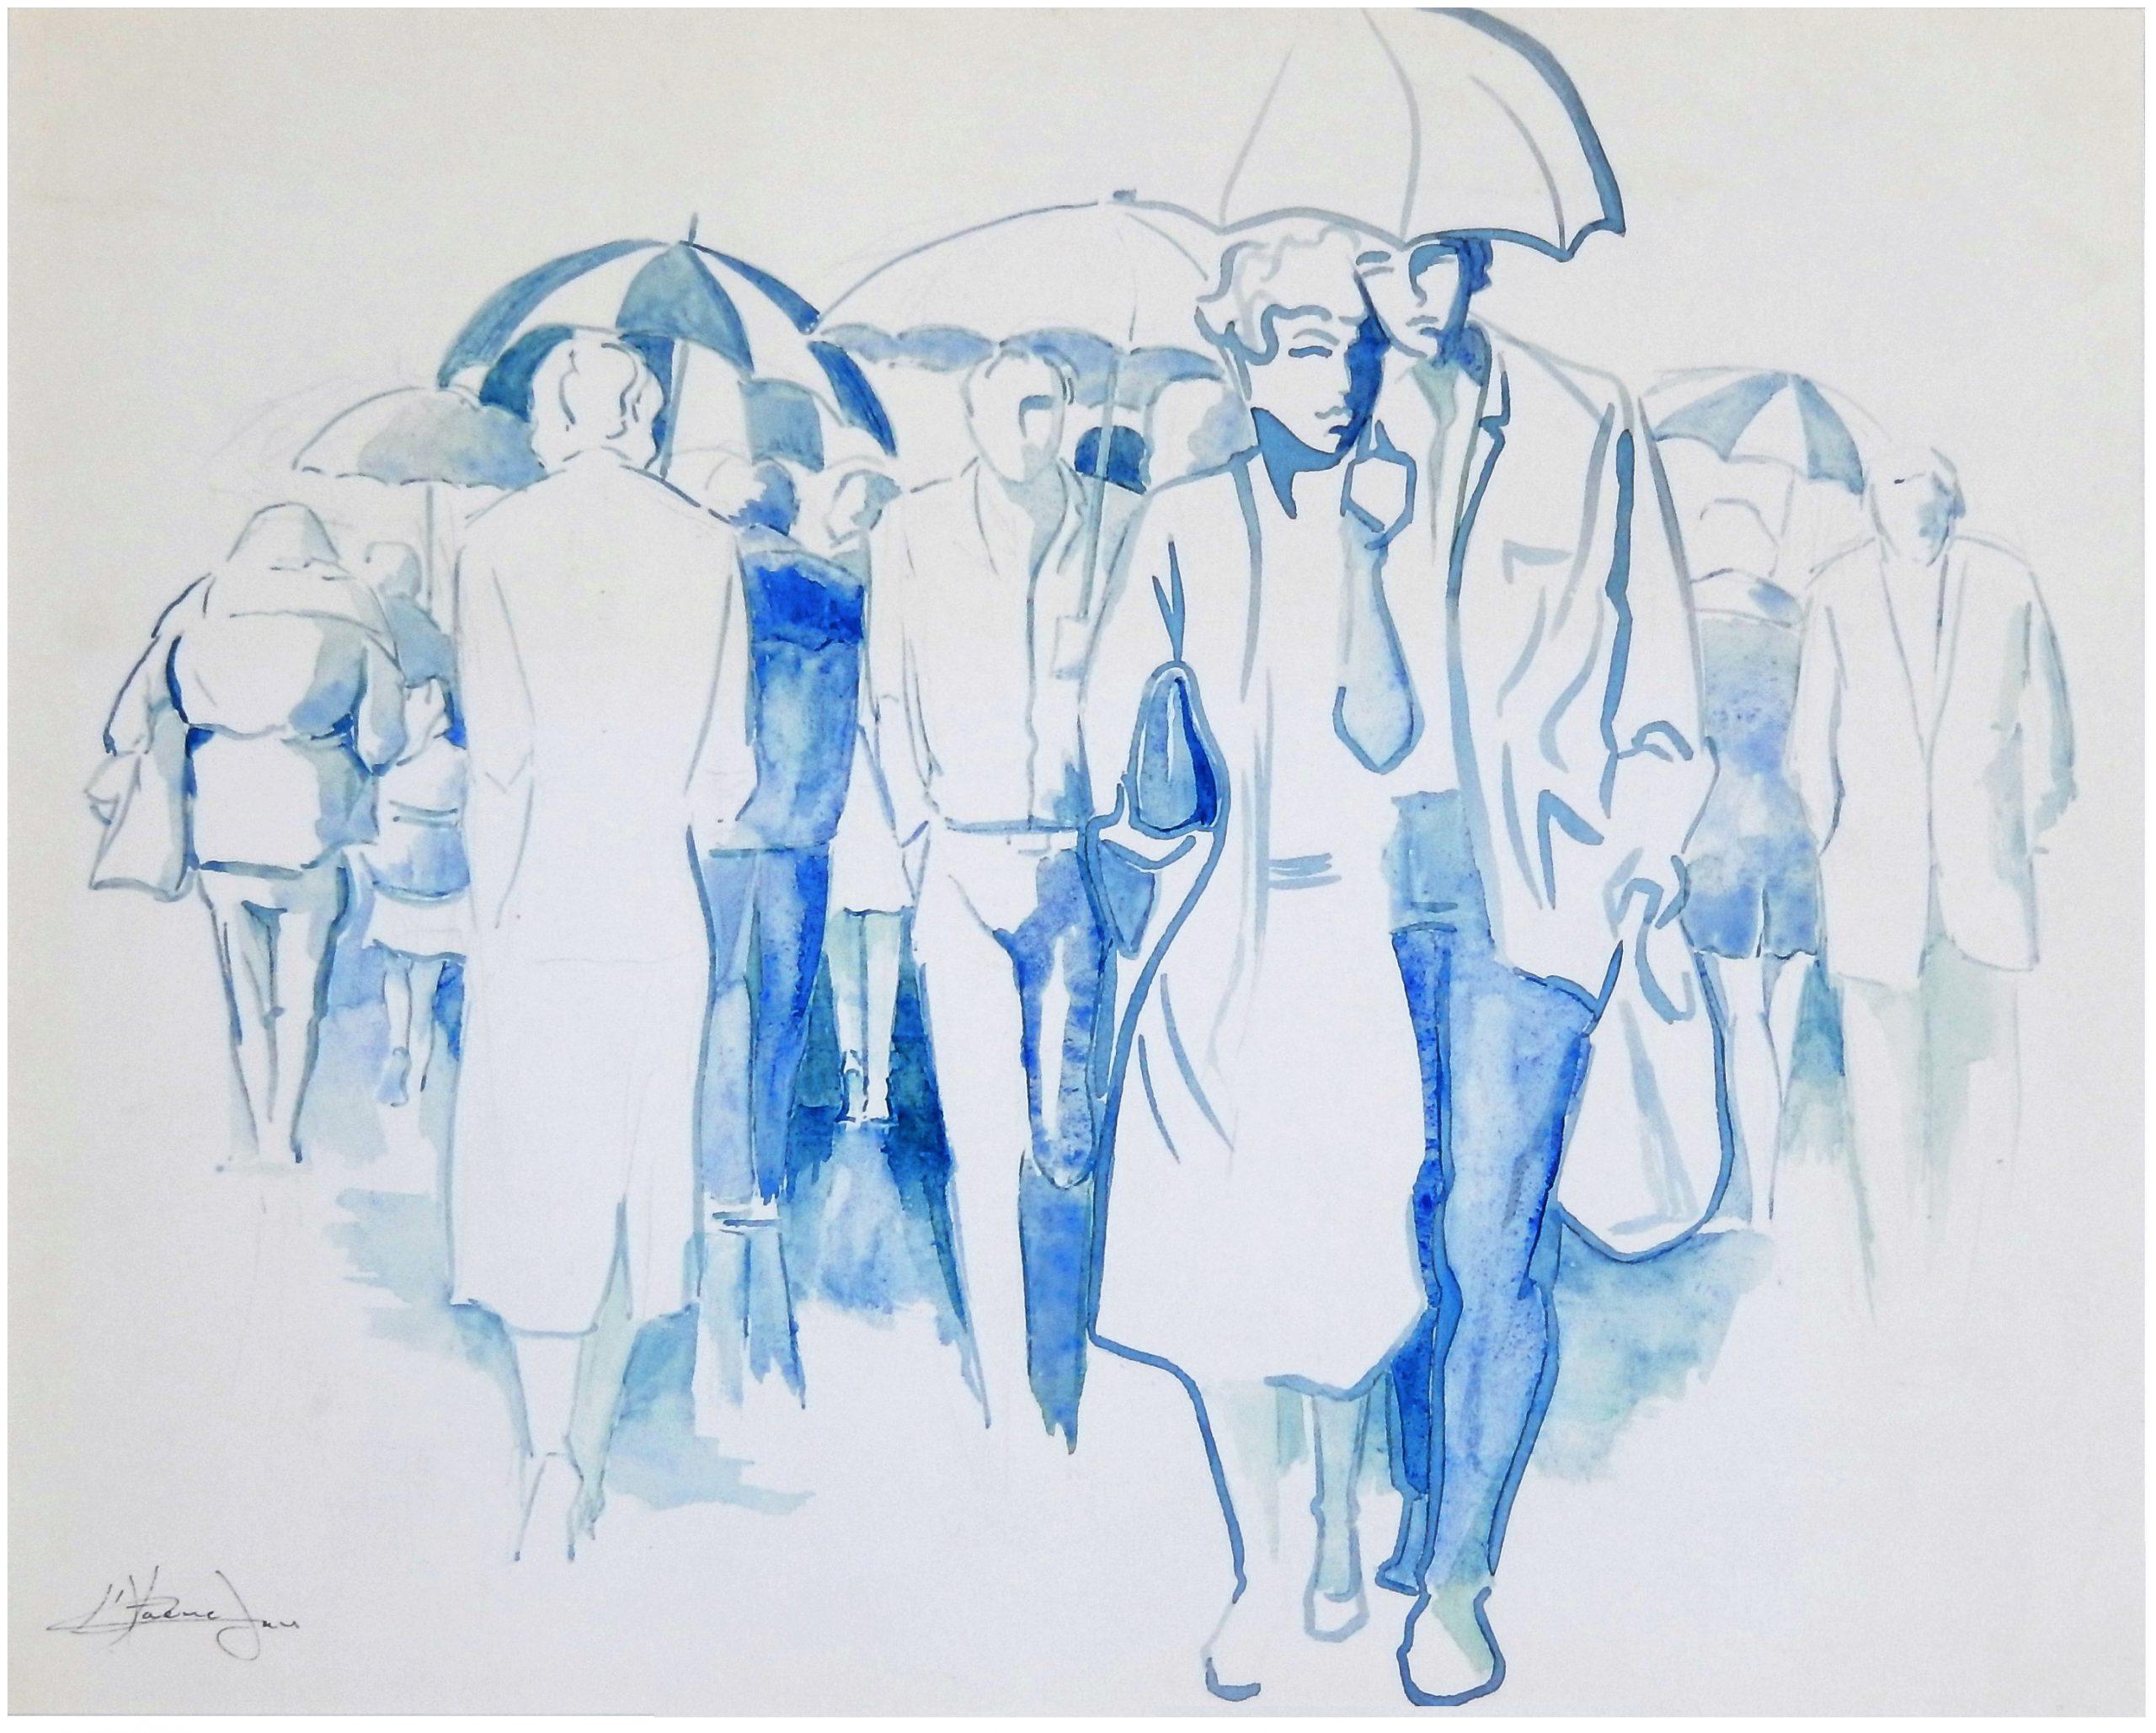 388 samen onder de paraplu